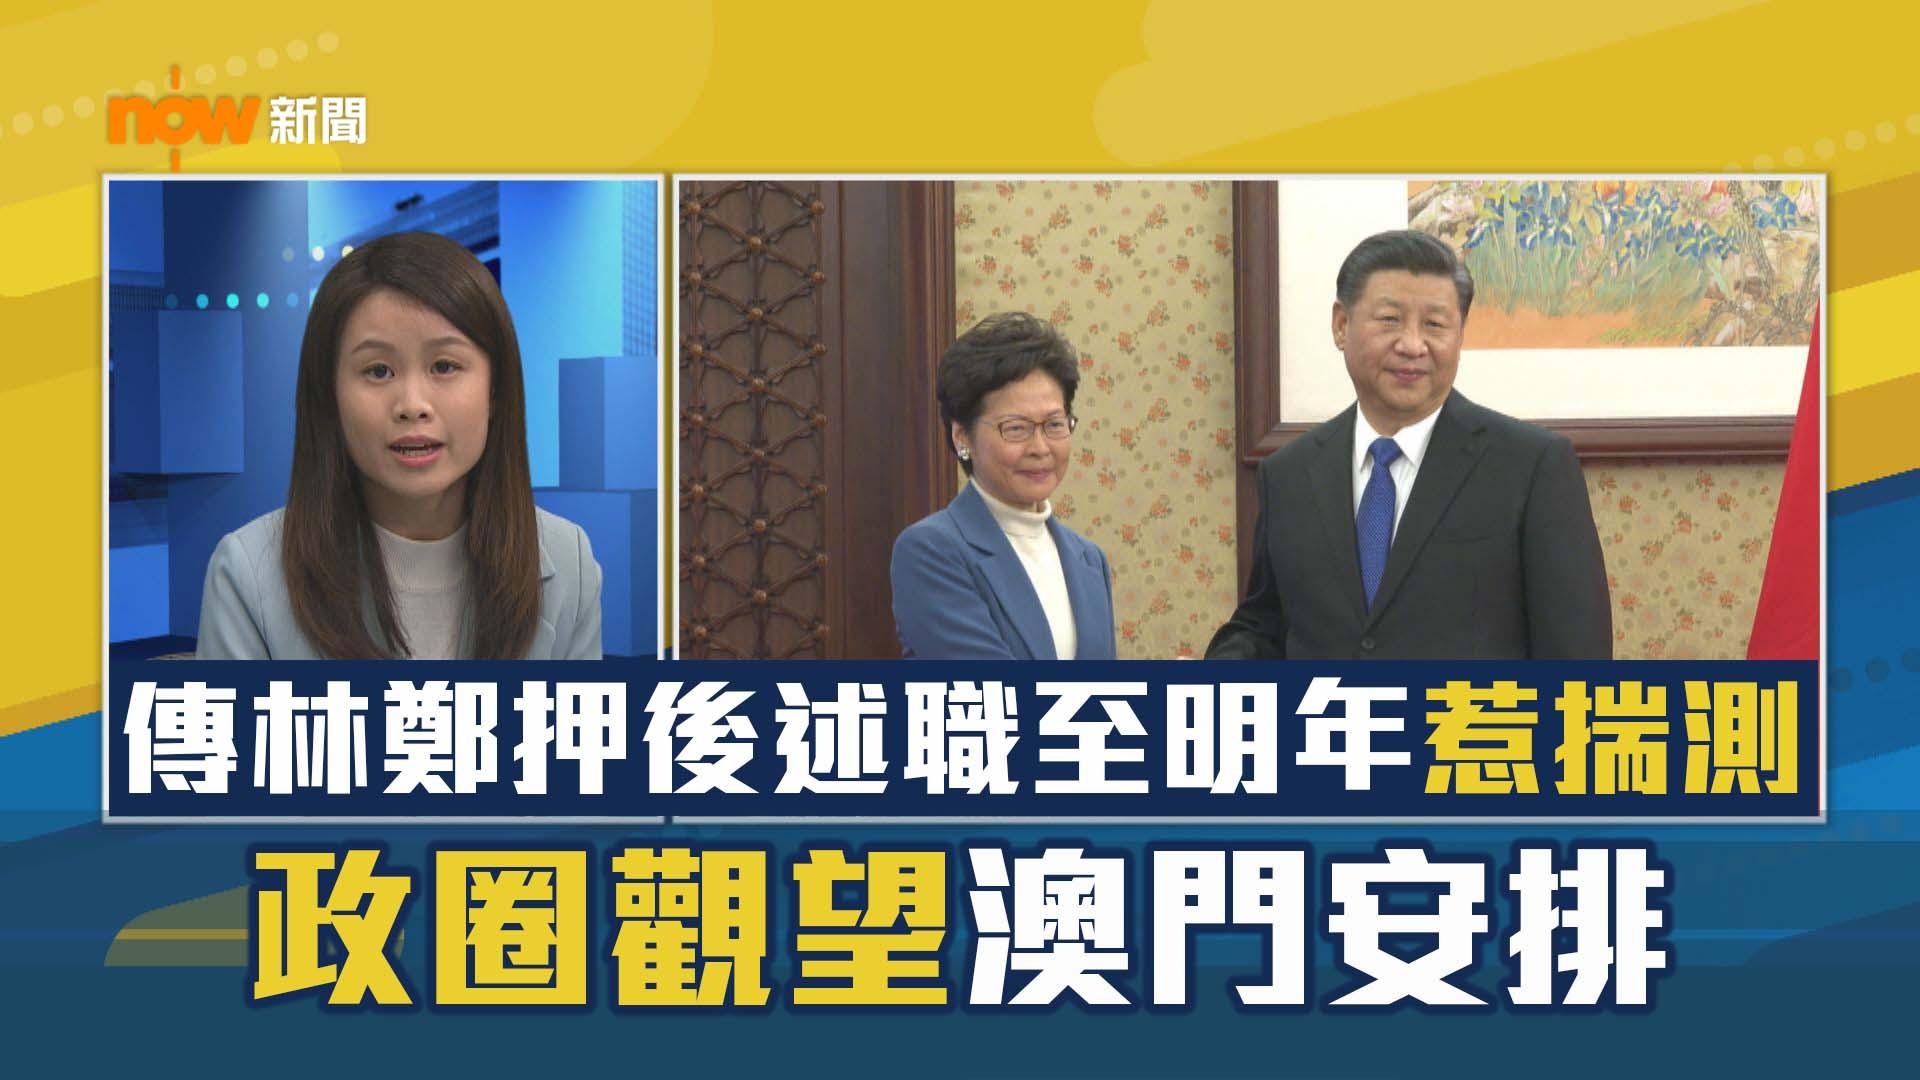 【政情】傳林鄭押後述職至明年惹揣測 政圈觀望澳門安排